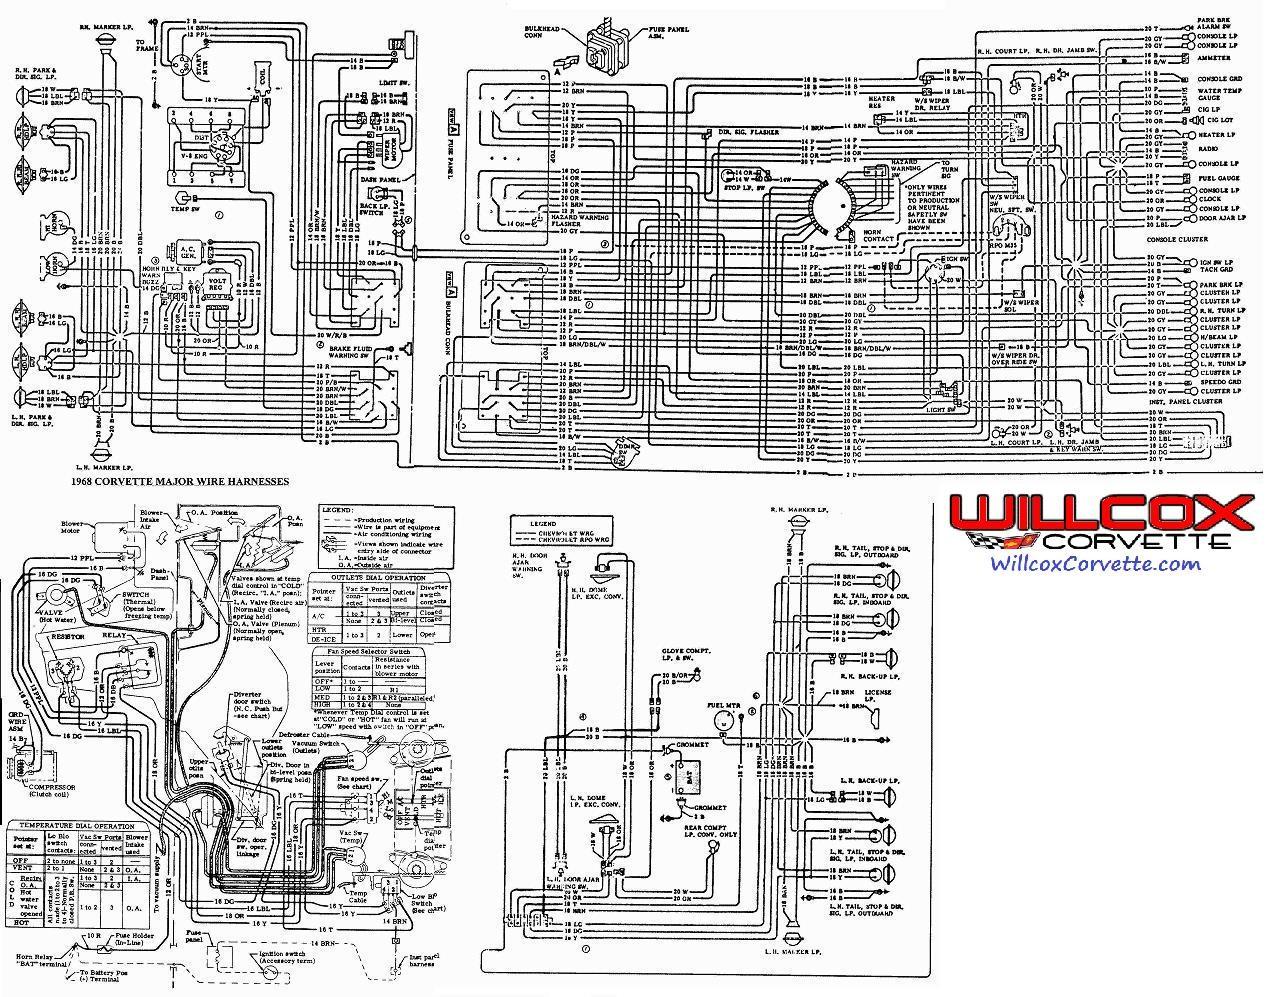 hight resolution of 68 corvette wiring schematic wiring diagram third level rh 6 13 jacobwinterstein com 1964 corvette wiring harness 1968 corvette wiring harness